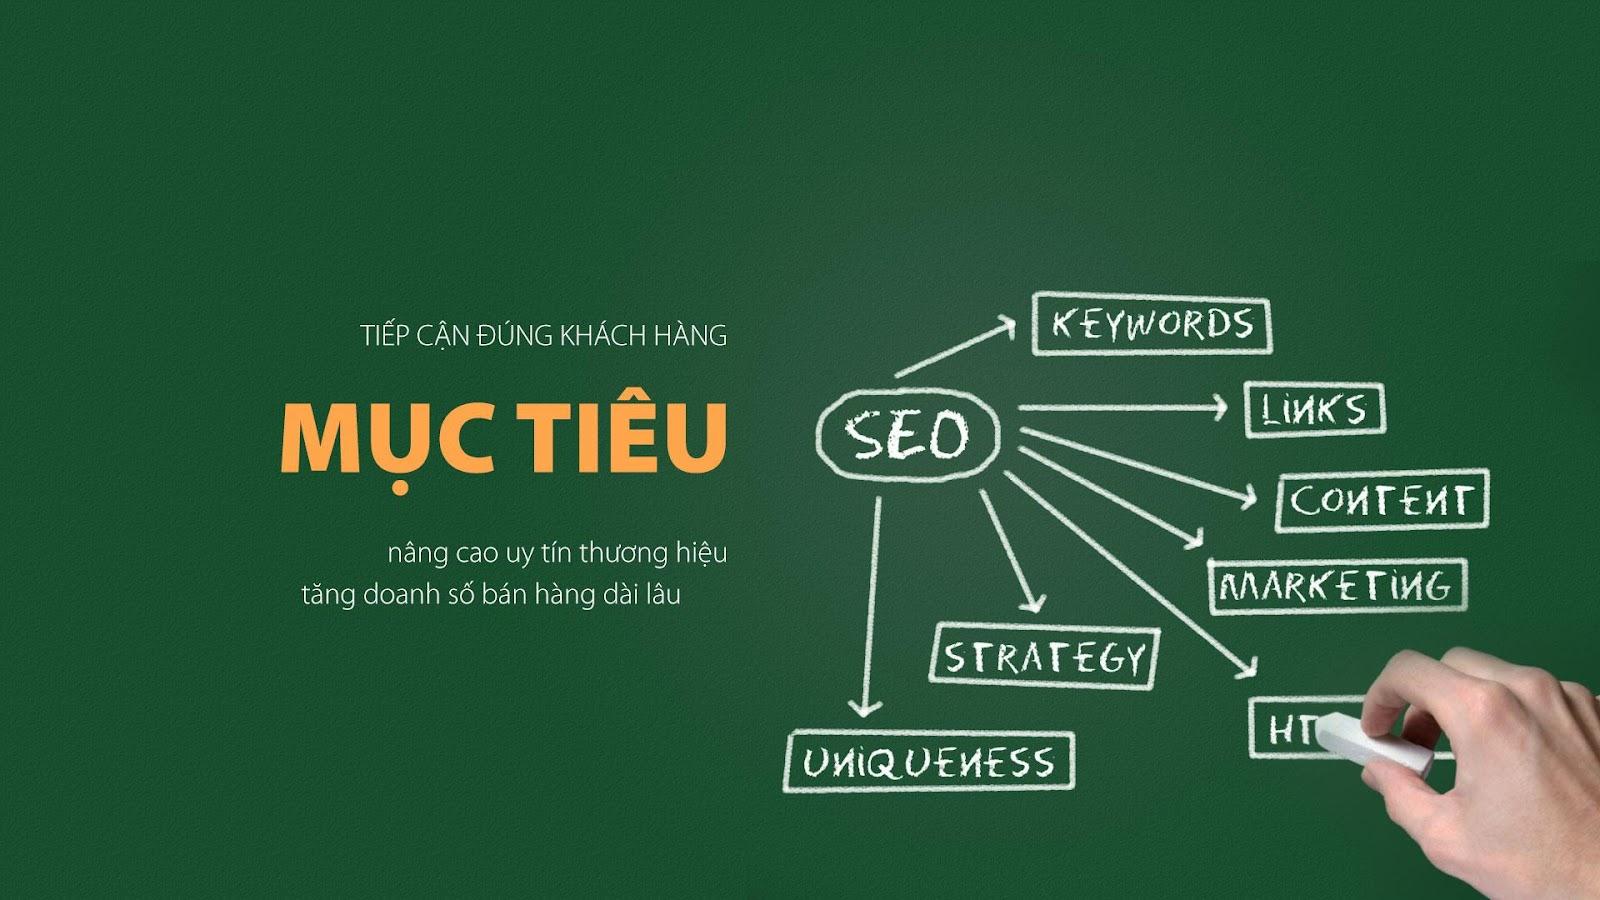 Tại sao các doanh nghiệp lên sử dụng dịch vụ seo website